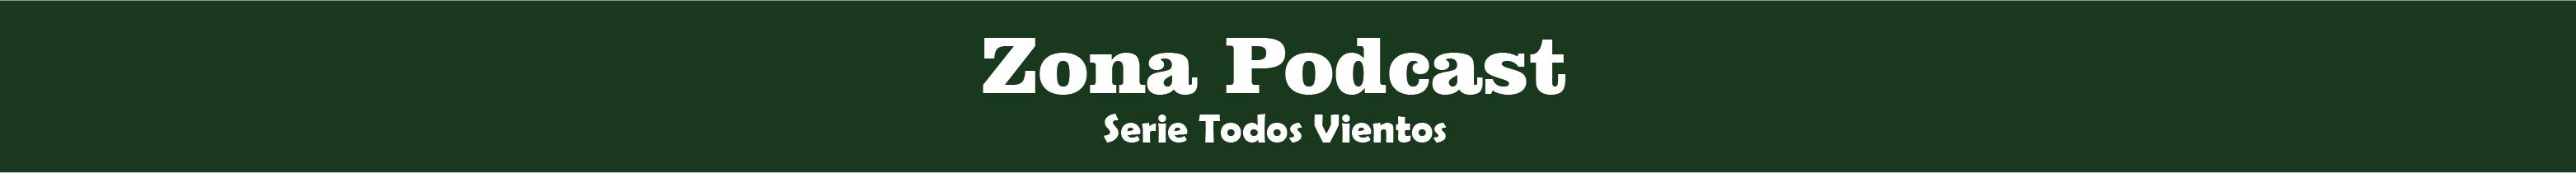 Zona de Podcast